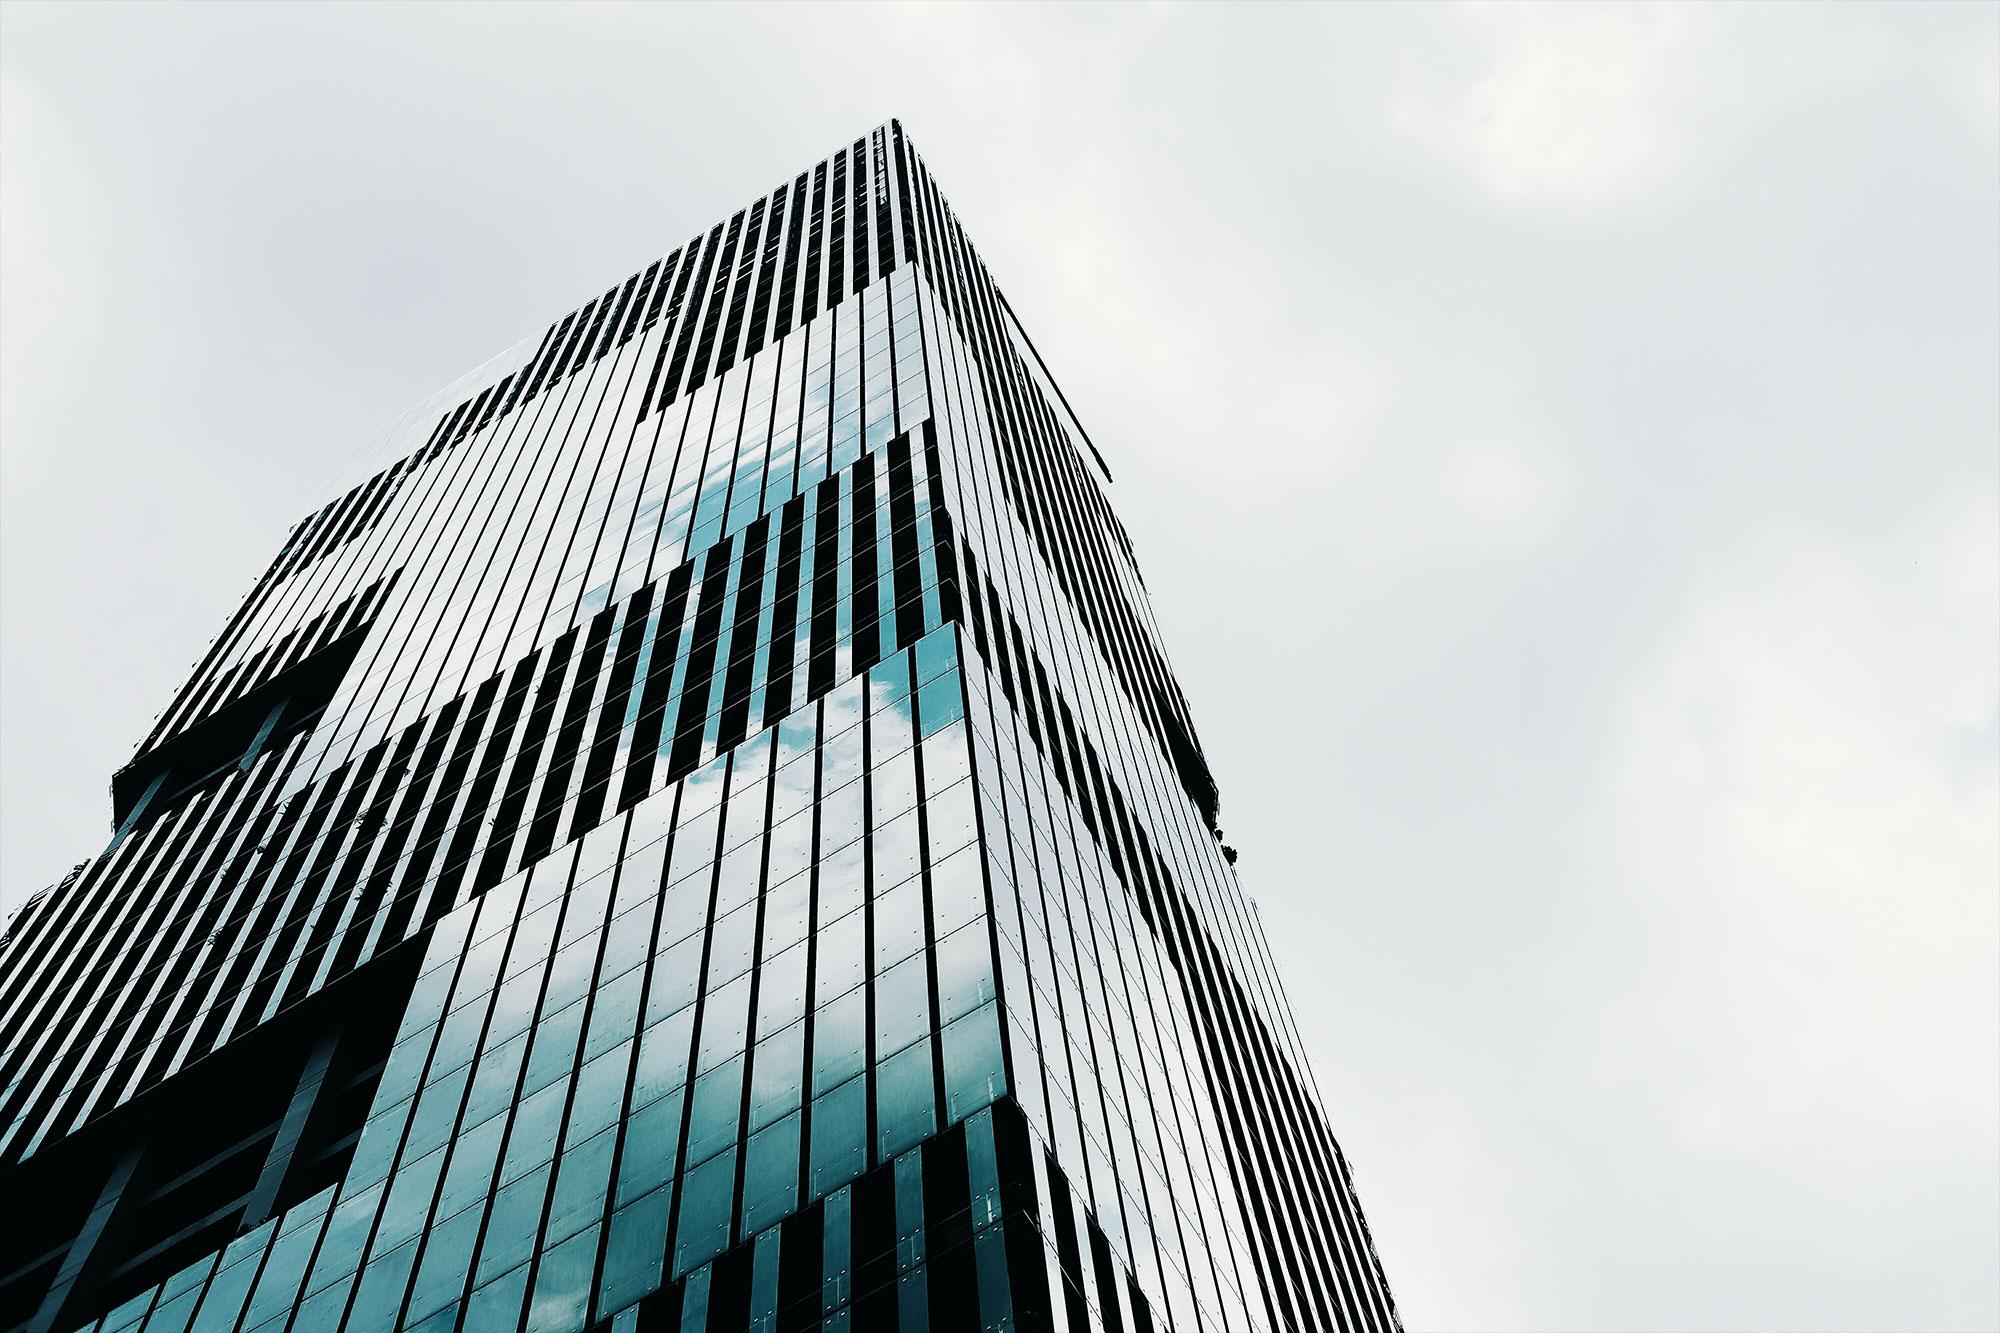 Capital privado - Cuando el banco por las características de la operación no es una opción. Y si tienes patrimonio libre de cargas déjanos encontrar financiación atractiva para ti.Trabajamos con fondos de inversión que ofrecen condiciones realmente competitivas dentro del sector del capital privado.